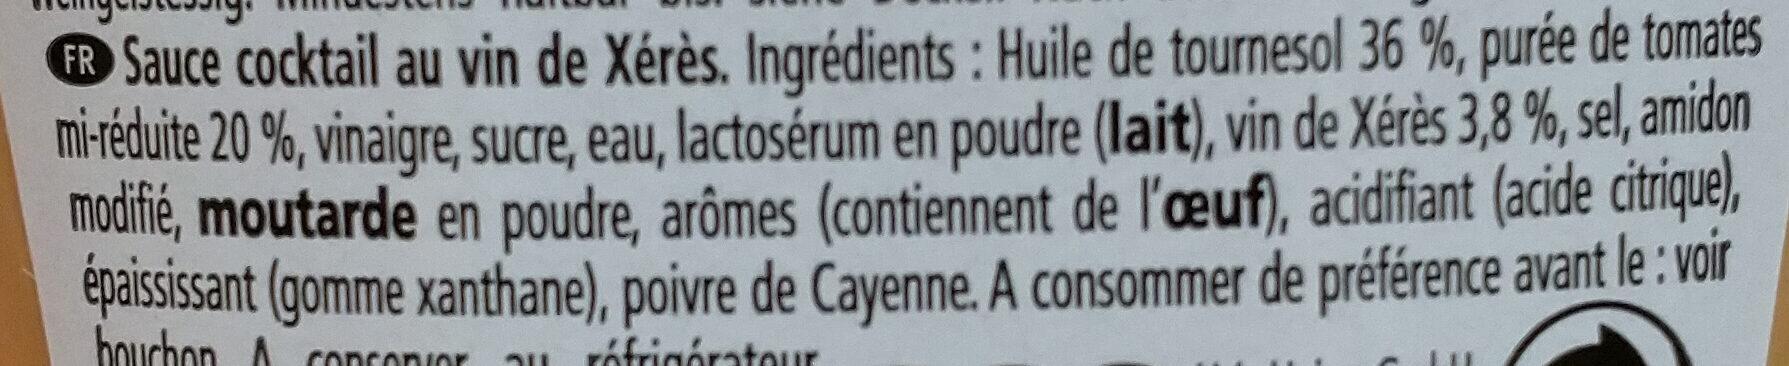 Heinz Sauce Cocktail - Ingredienti - fr